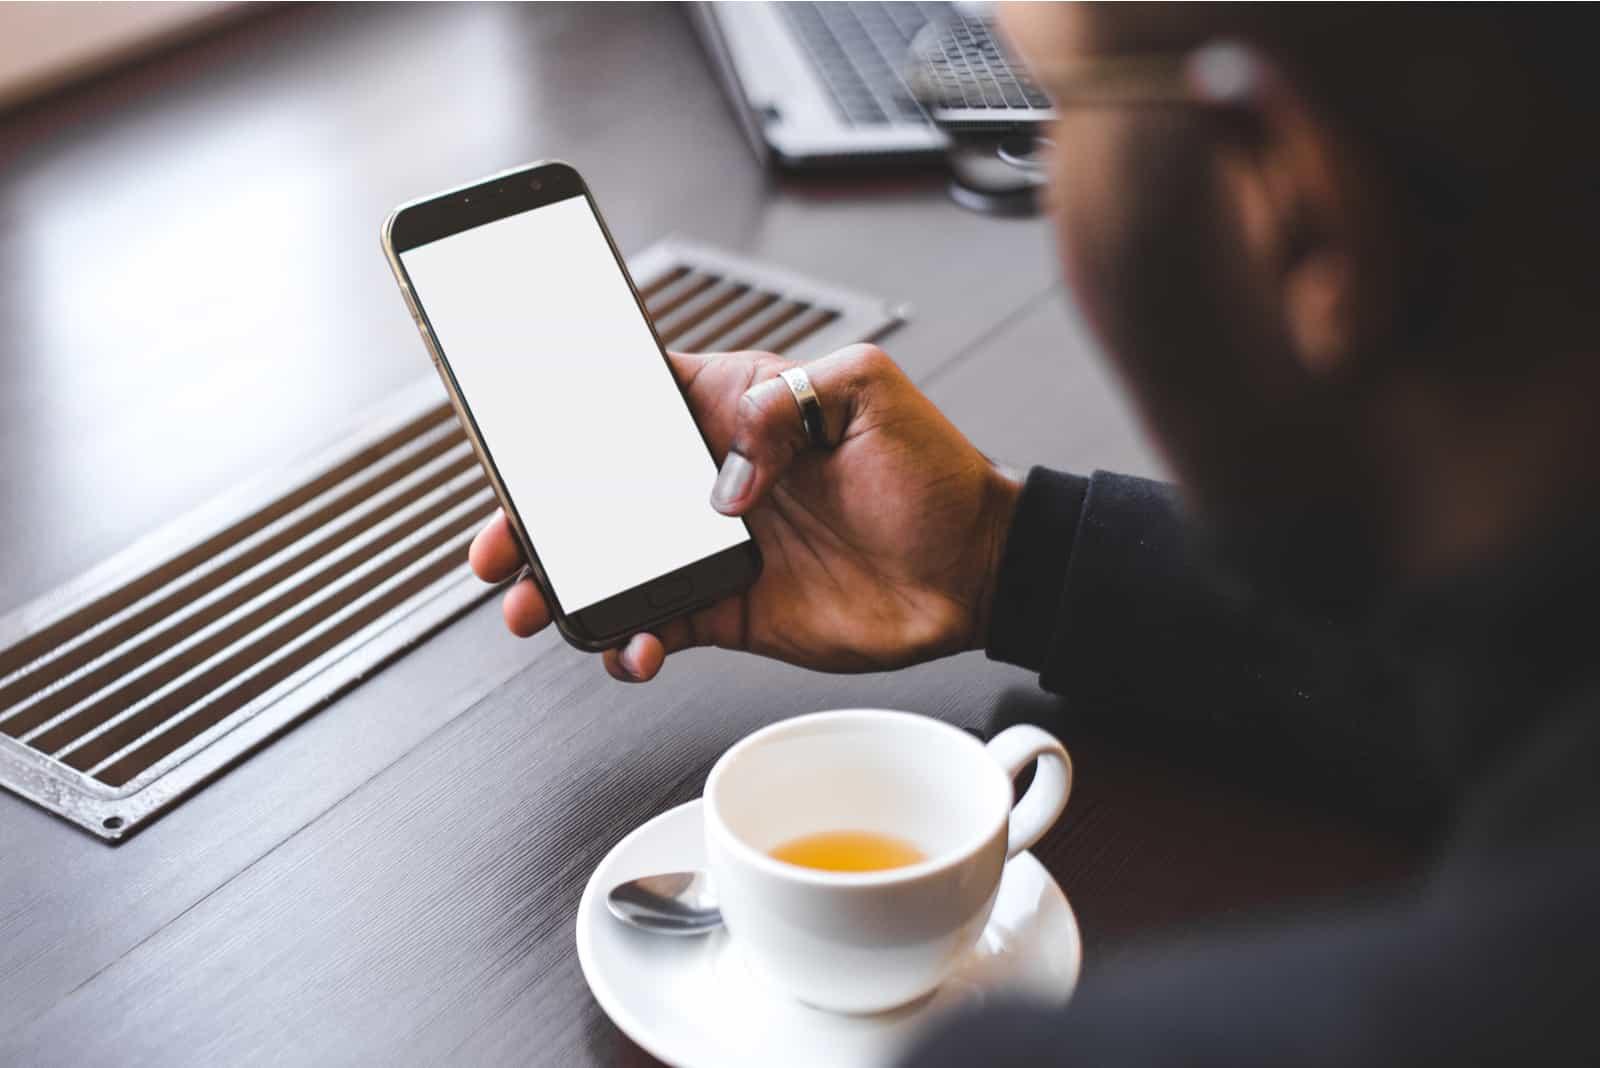 Mann, der Kaffee hält Telefon hält